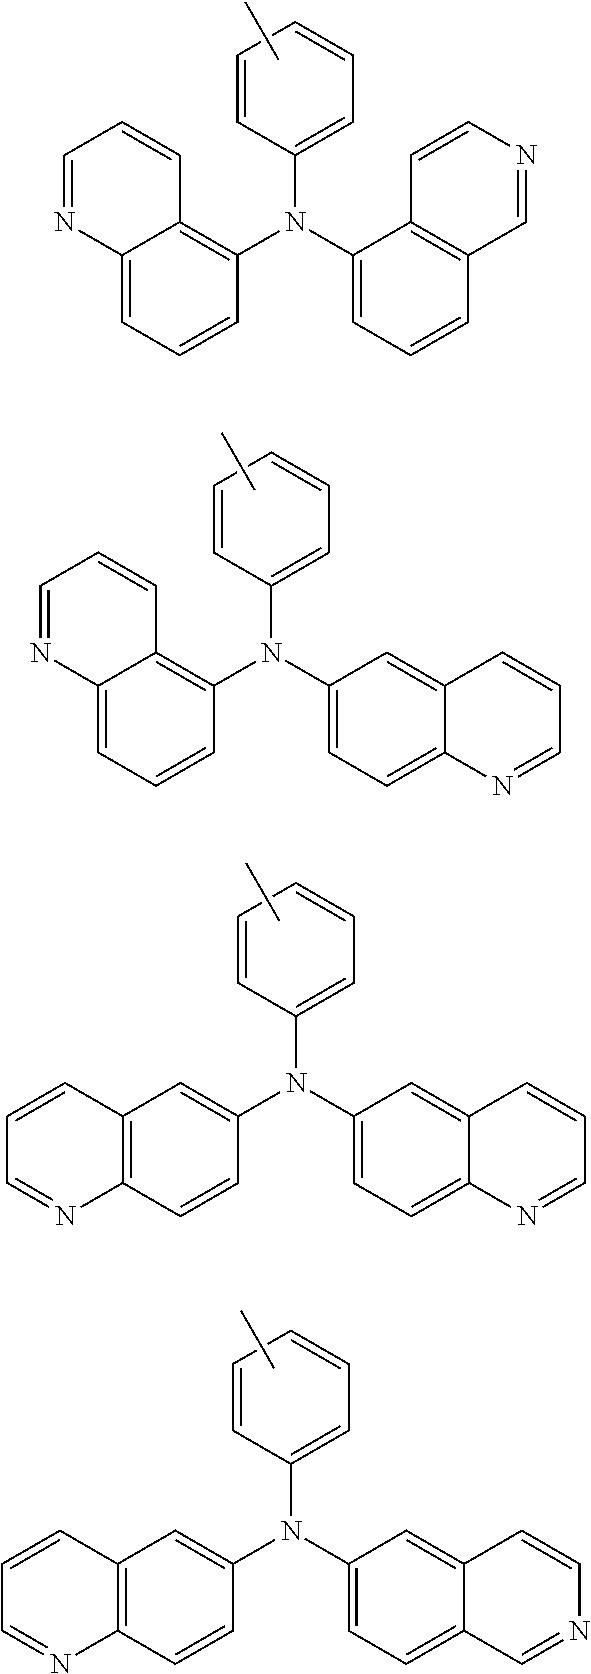 Figure US20150280139A1-20151001-C00016